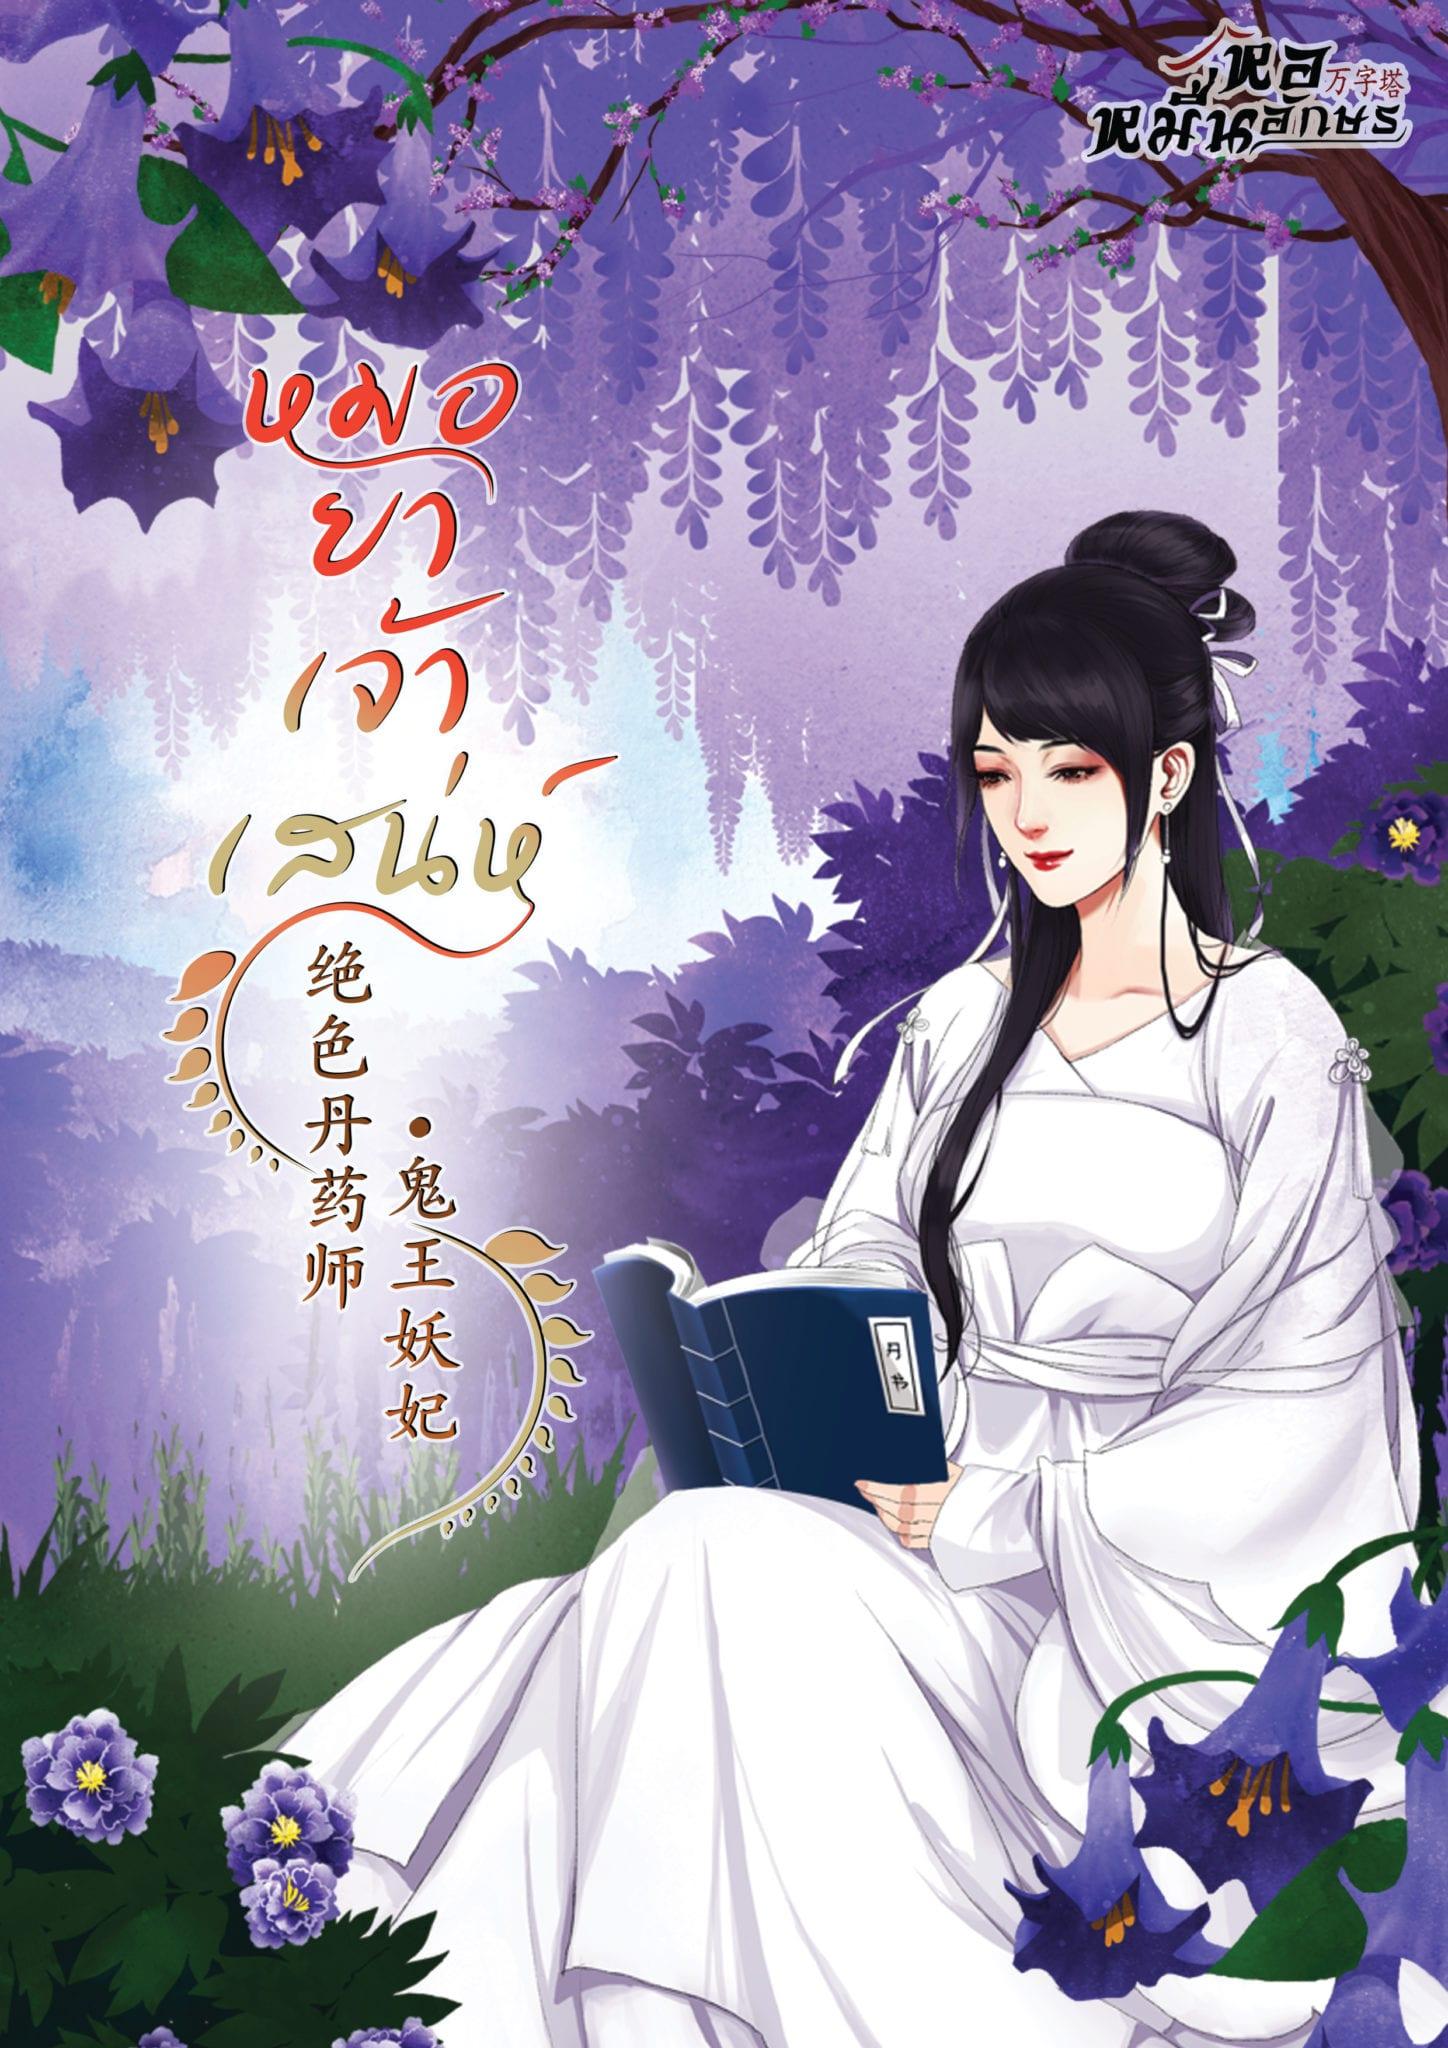 นิยายออนไลน์ อ่านนิยายออนไลน์ เว็บอ่านนิยายฟรี นิยายจีน